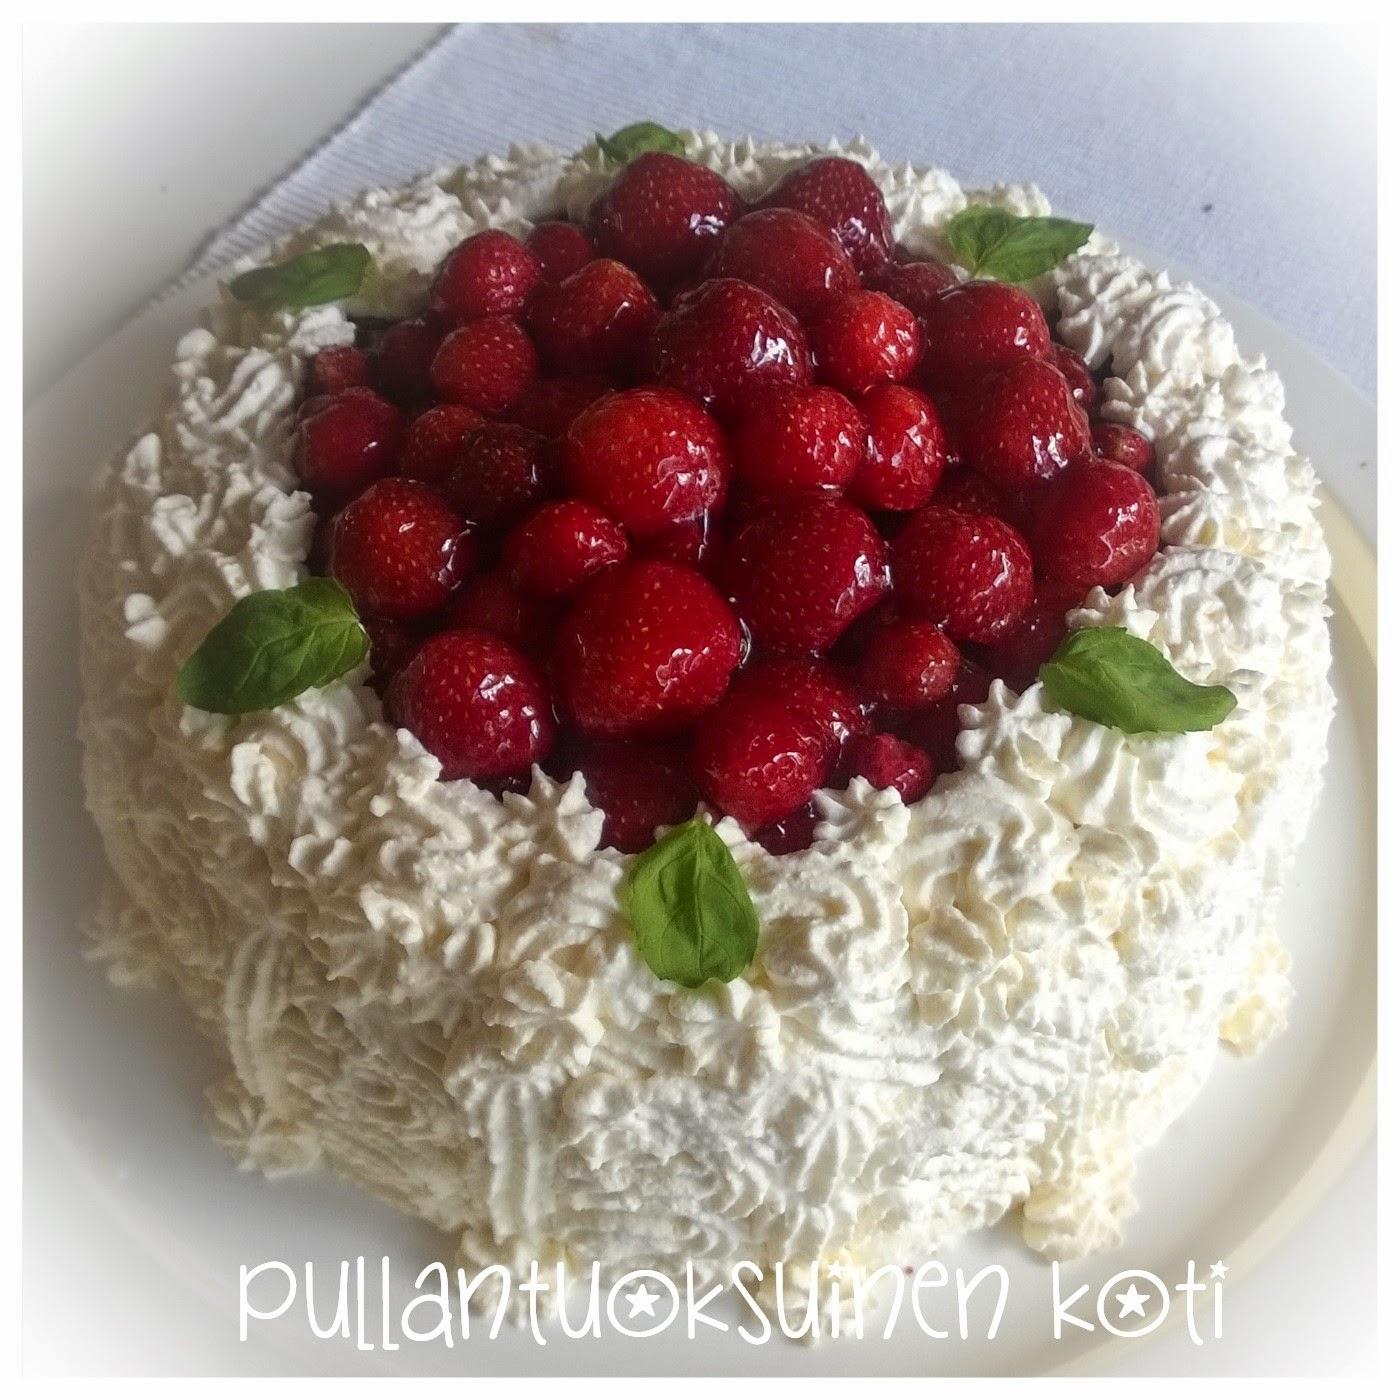 #kakku #täytekakku #mansikkakermakakku #kuohukerma #isänpäivä #isänpäiväkakku #äitienpäivä #äitienpäiväkakku #syntymäpäiväkakku #leivonnainen #cake #creamcake #strawberrycake #kermakakku #baking